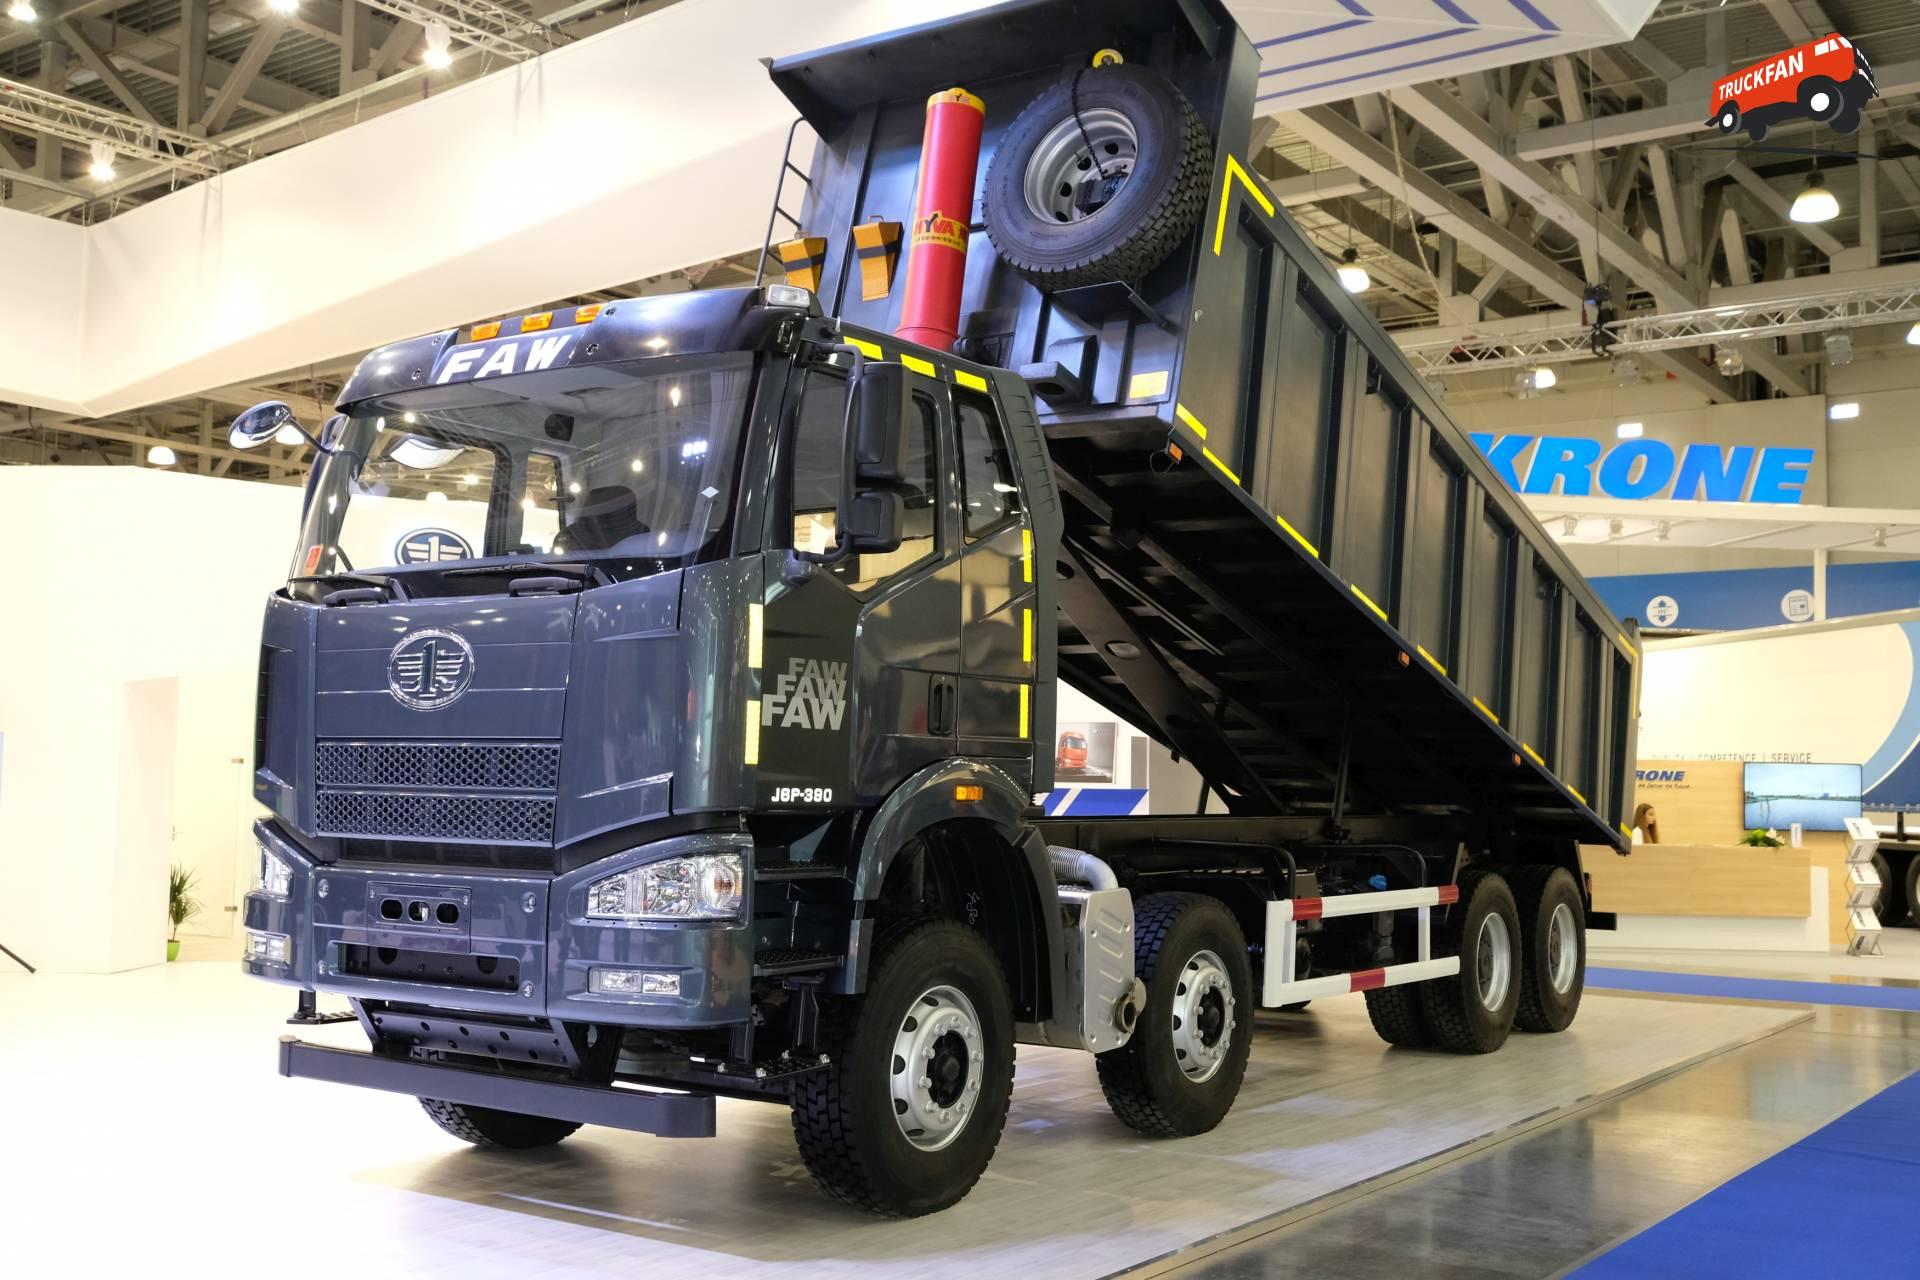 FAW J6P-390